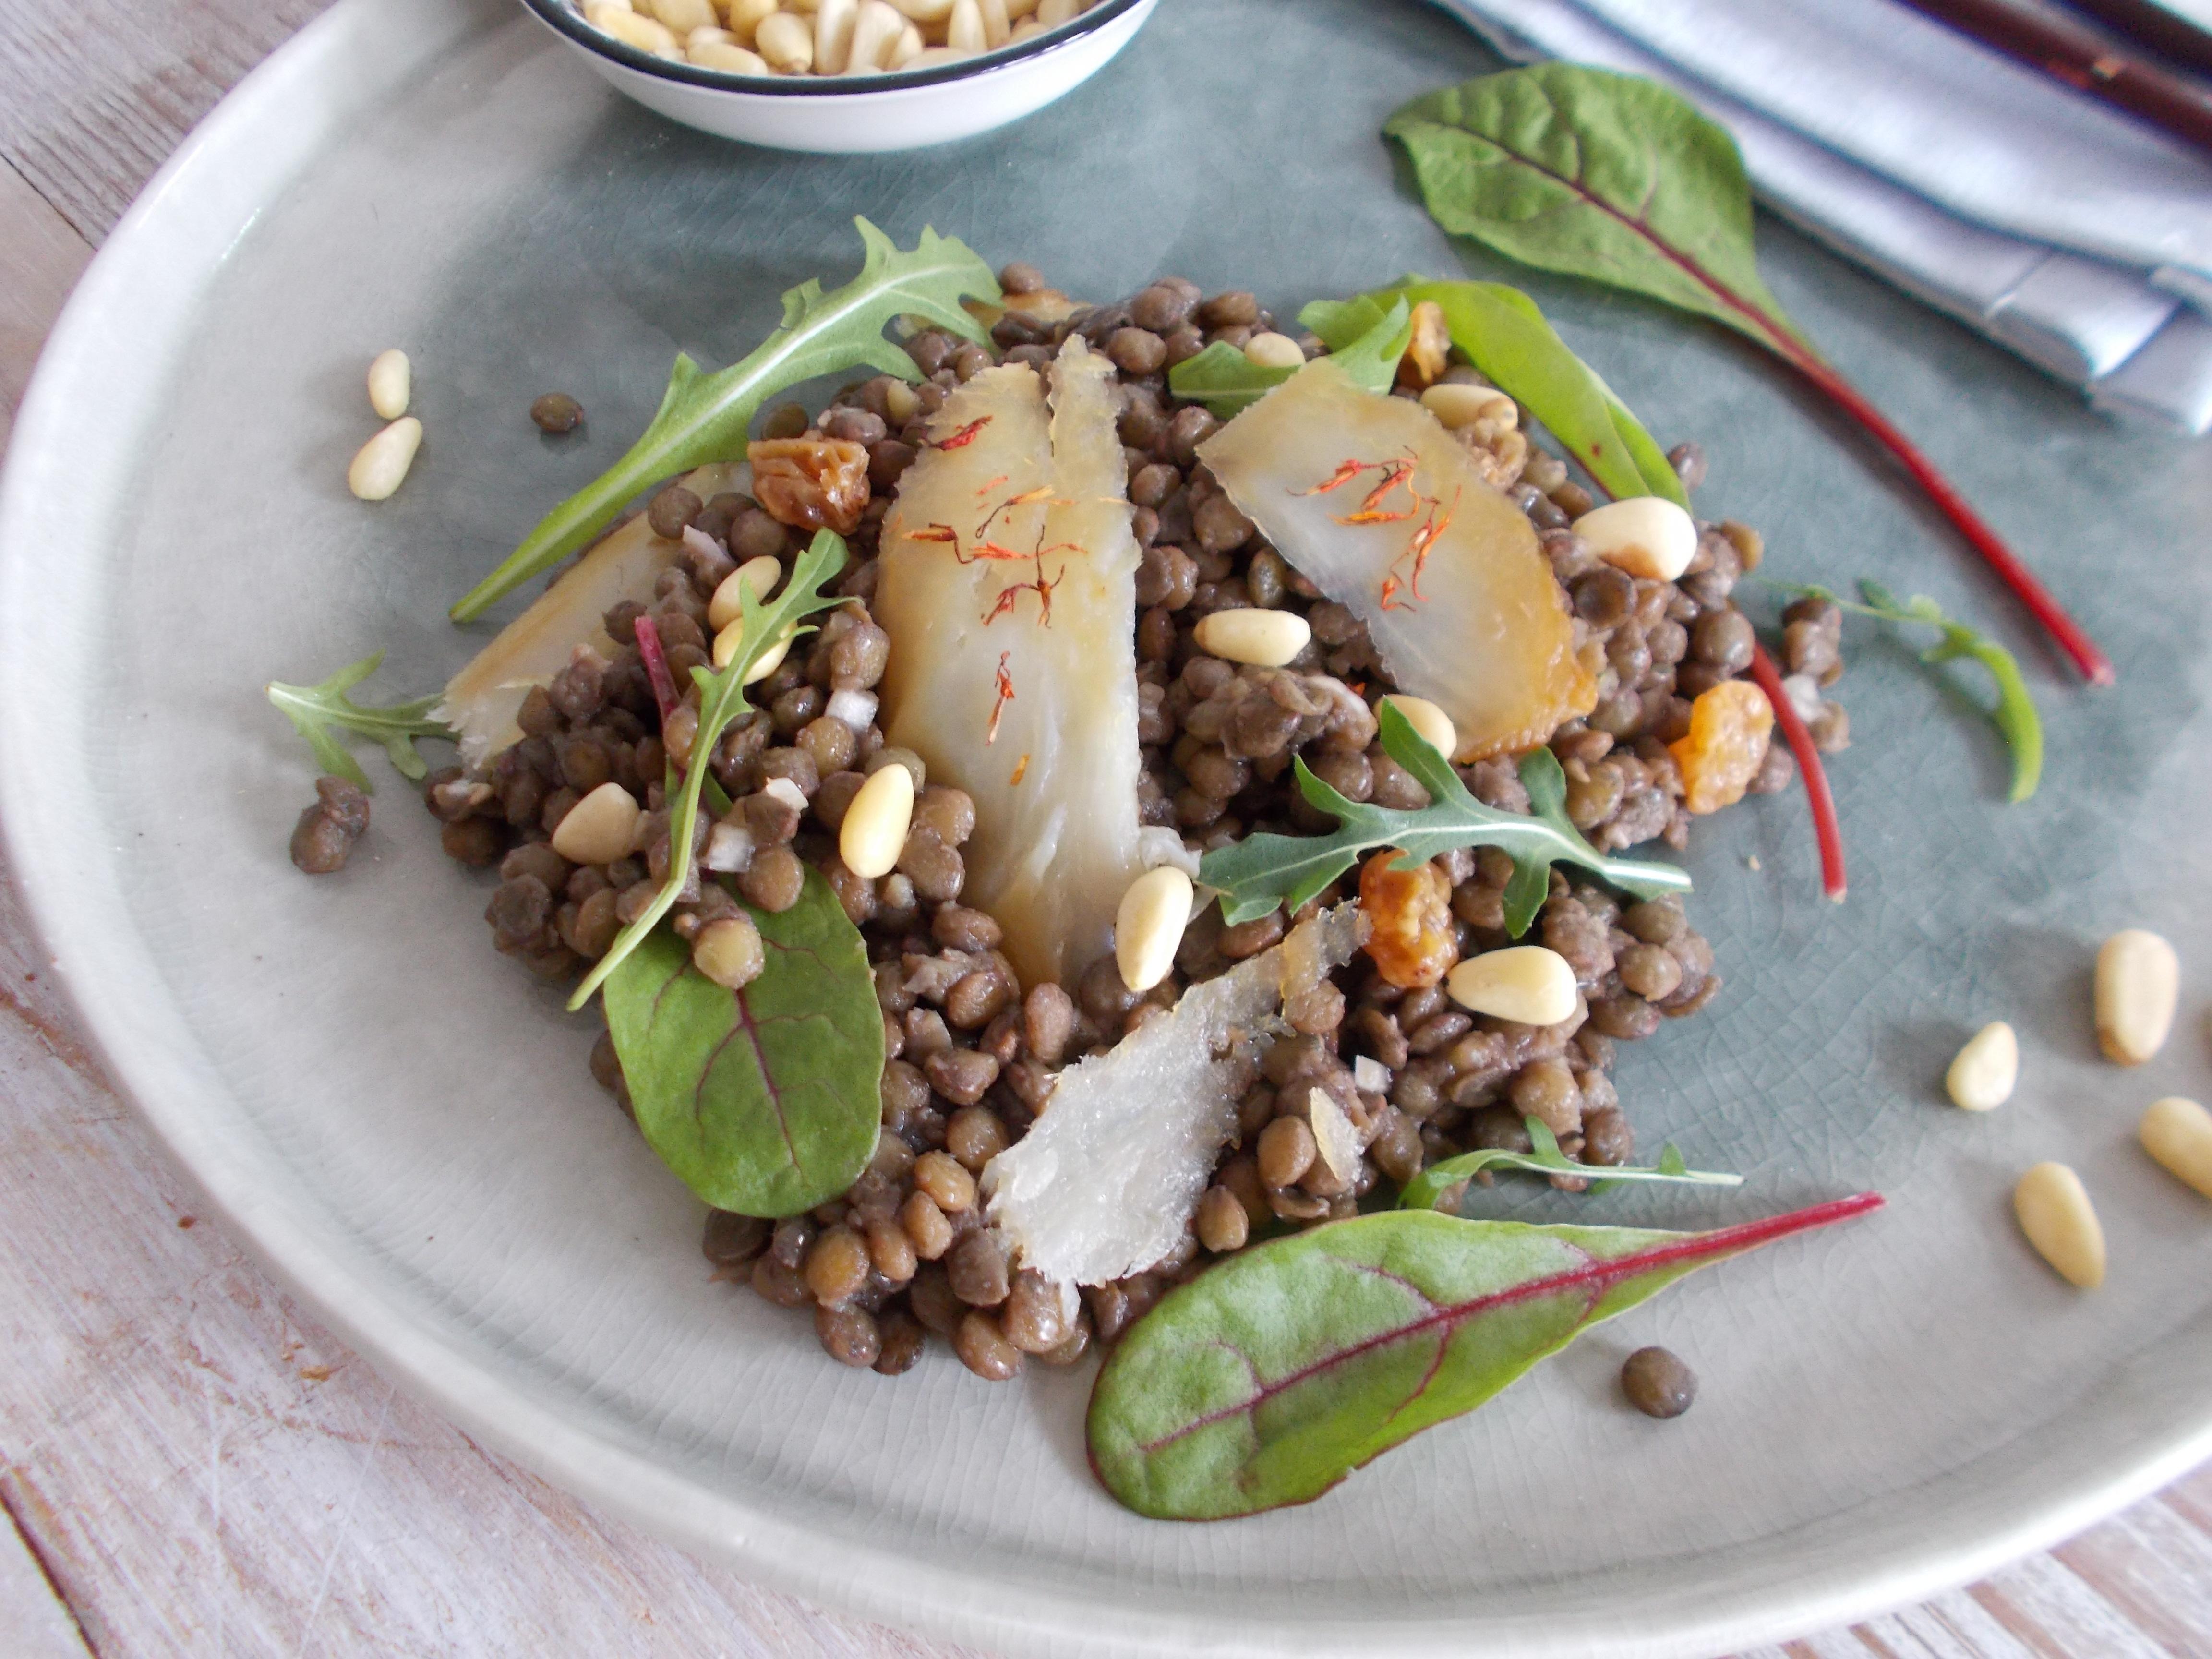 Salade de lentilles au haddock, raisin sec et pignon